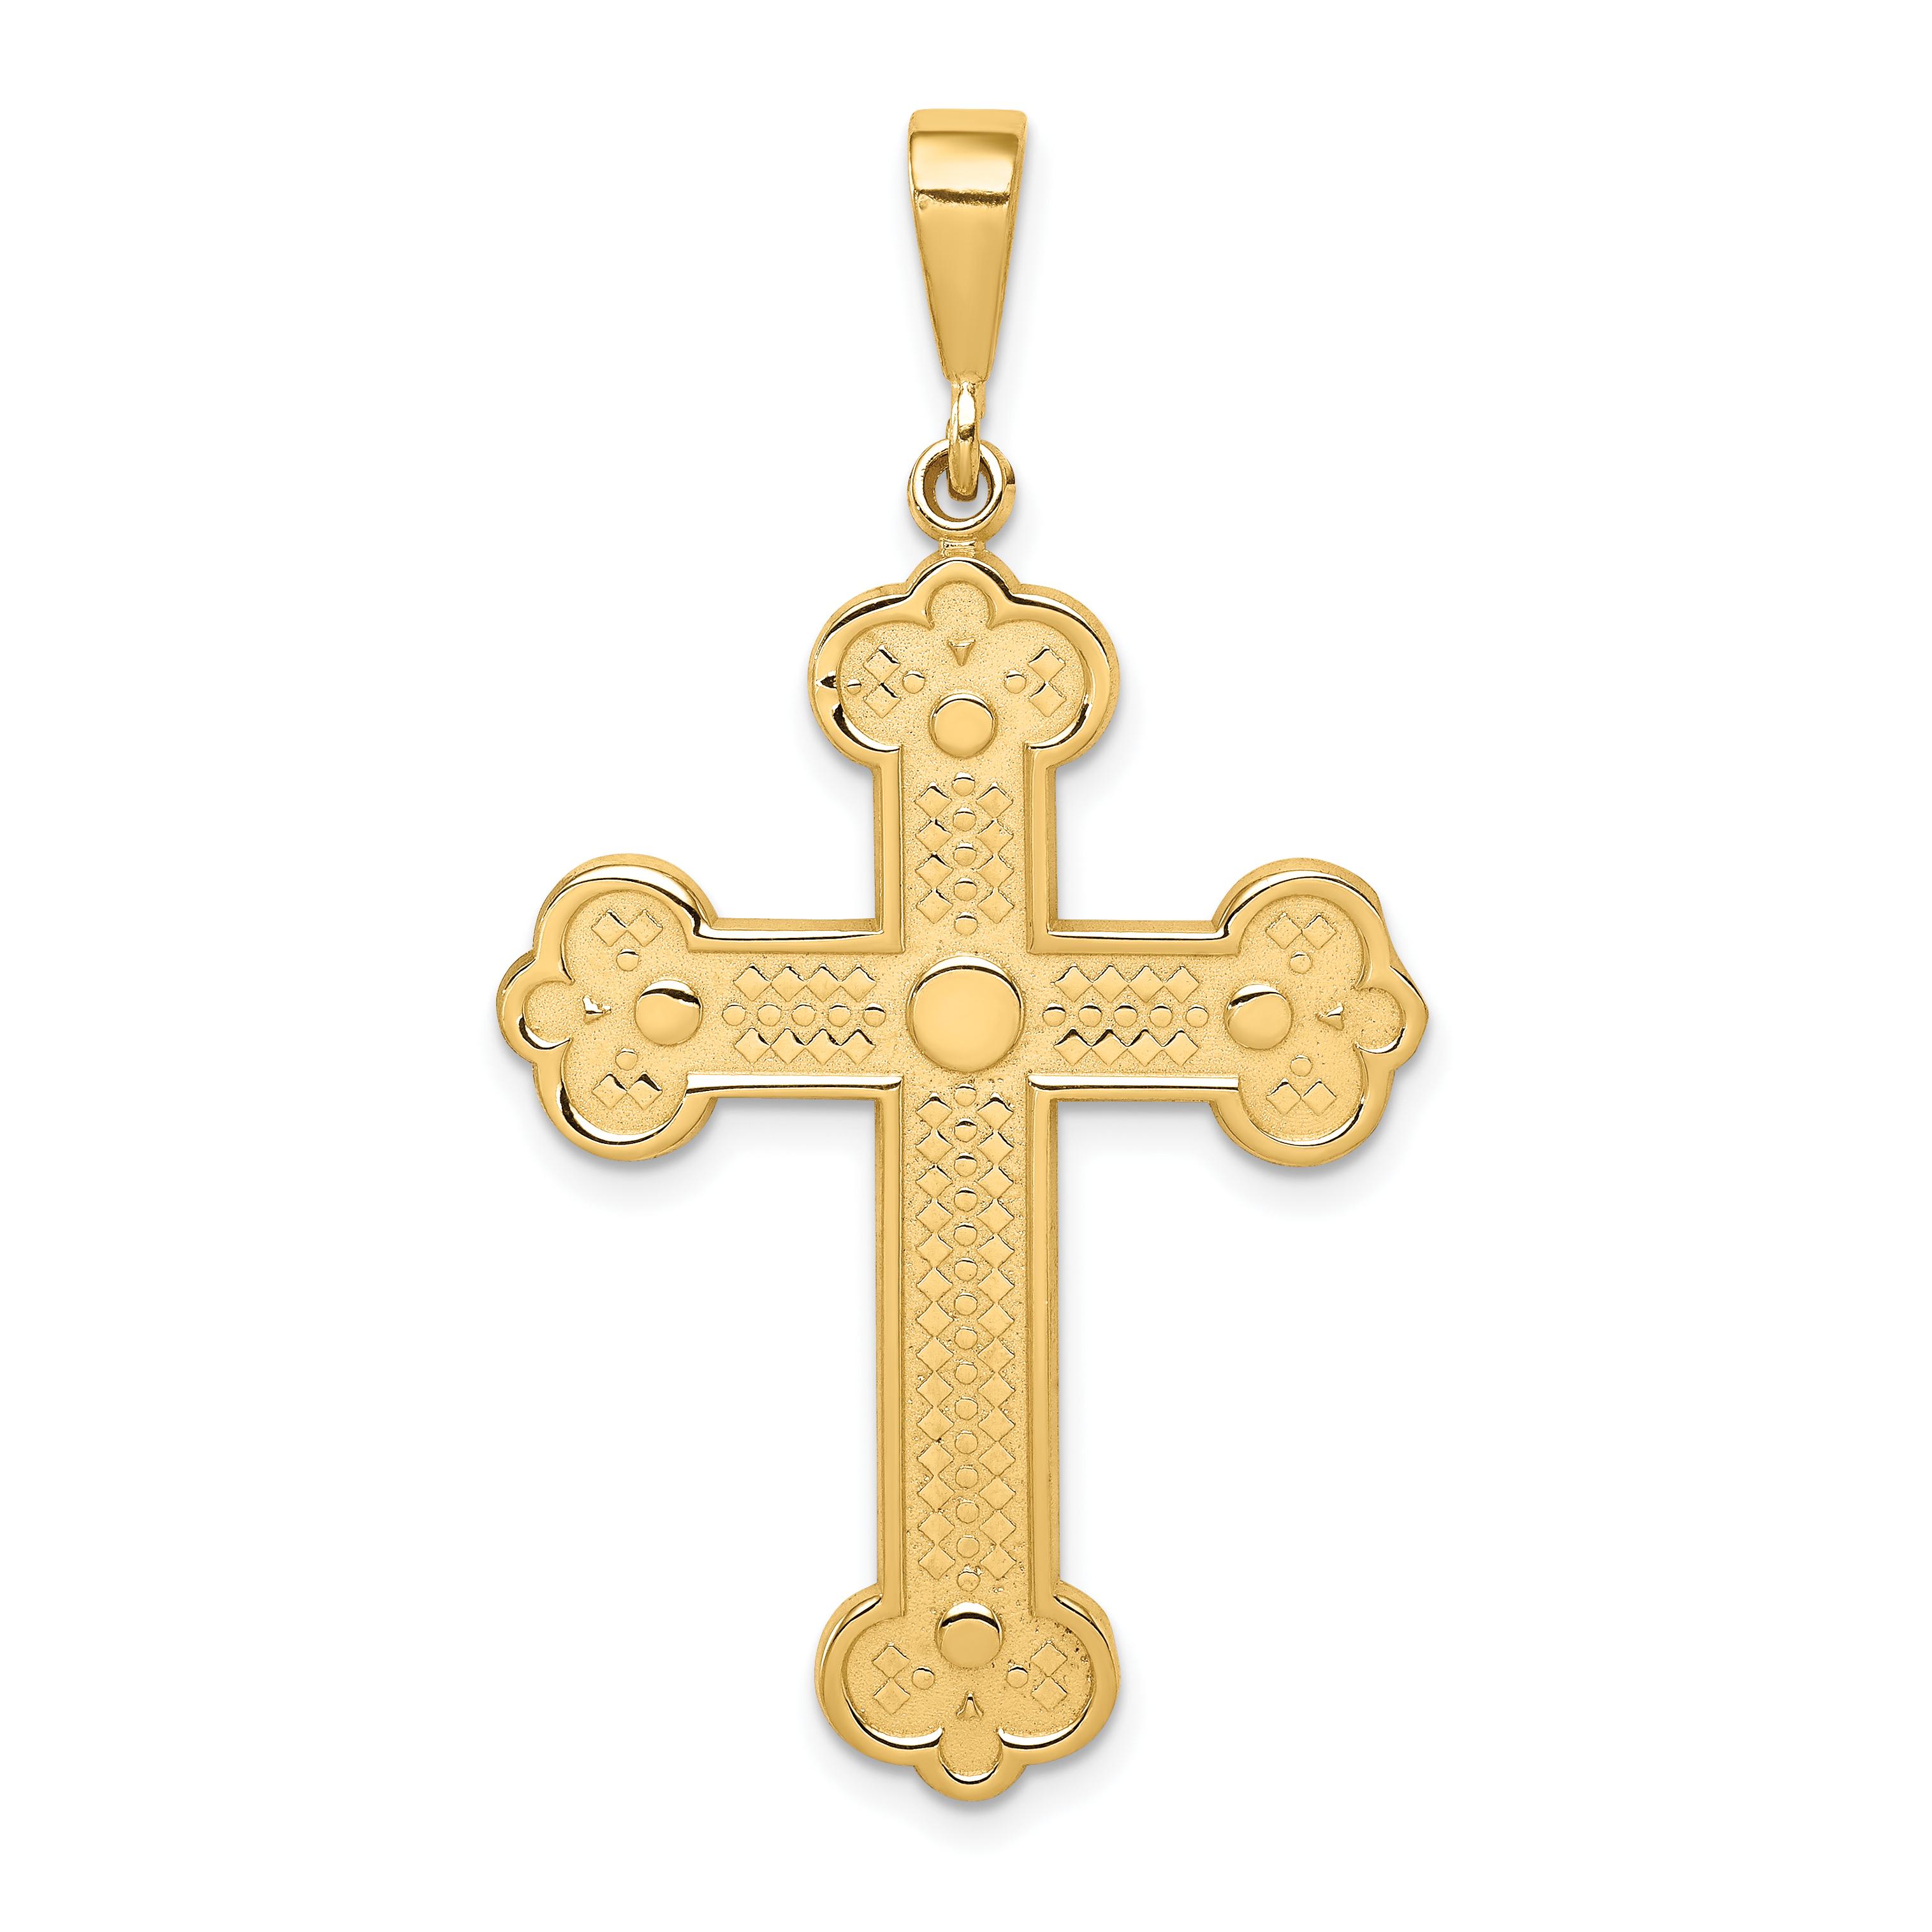 14k Budded Cross Pendant. Weight: 3, Length: 58, Width: 26